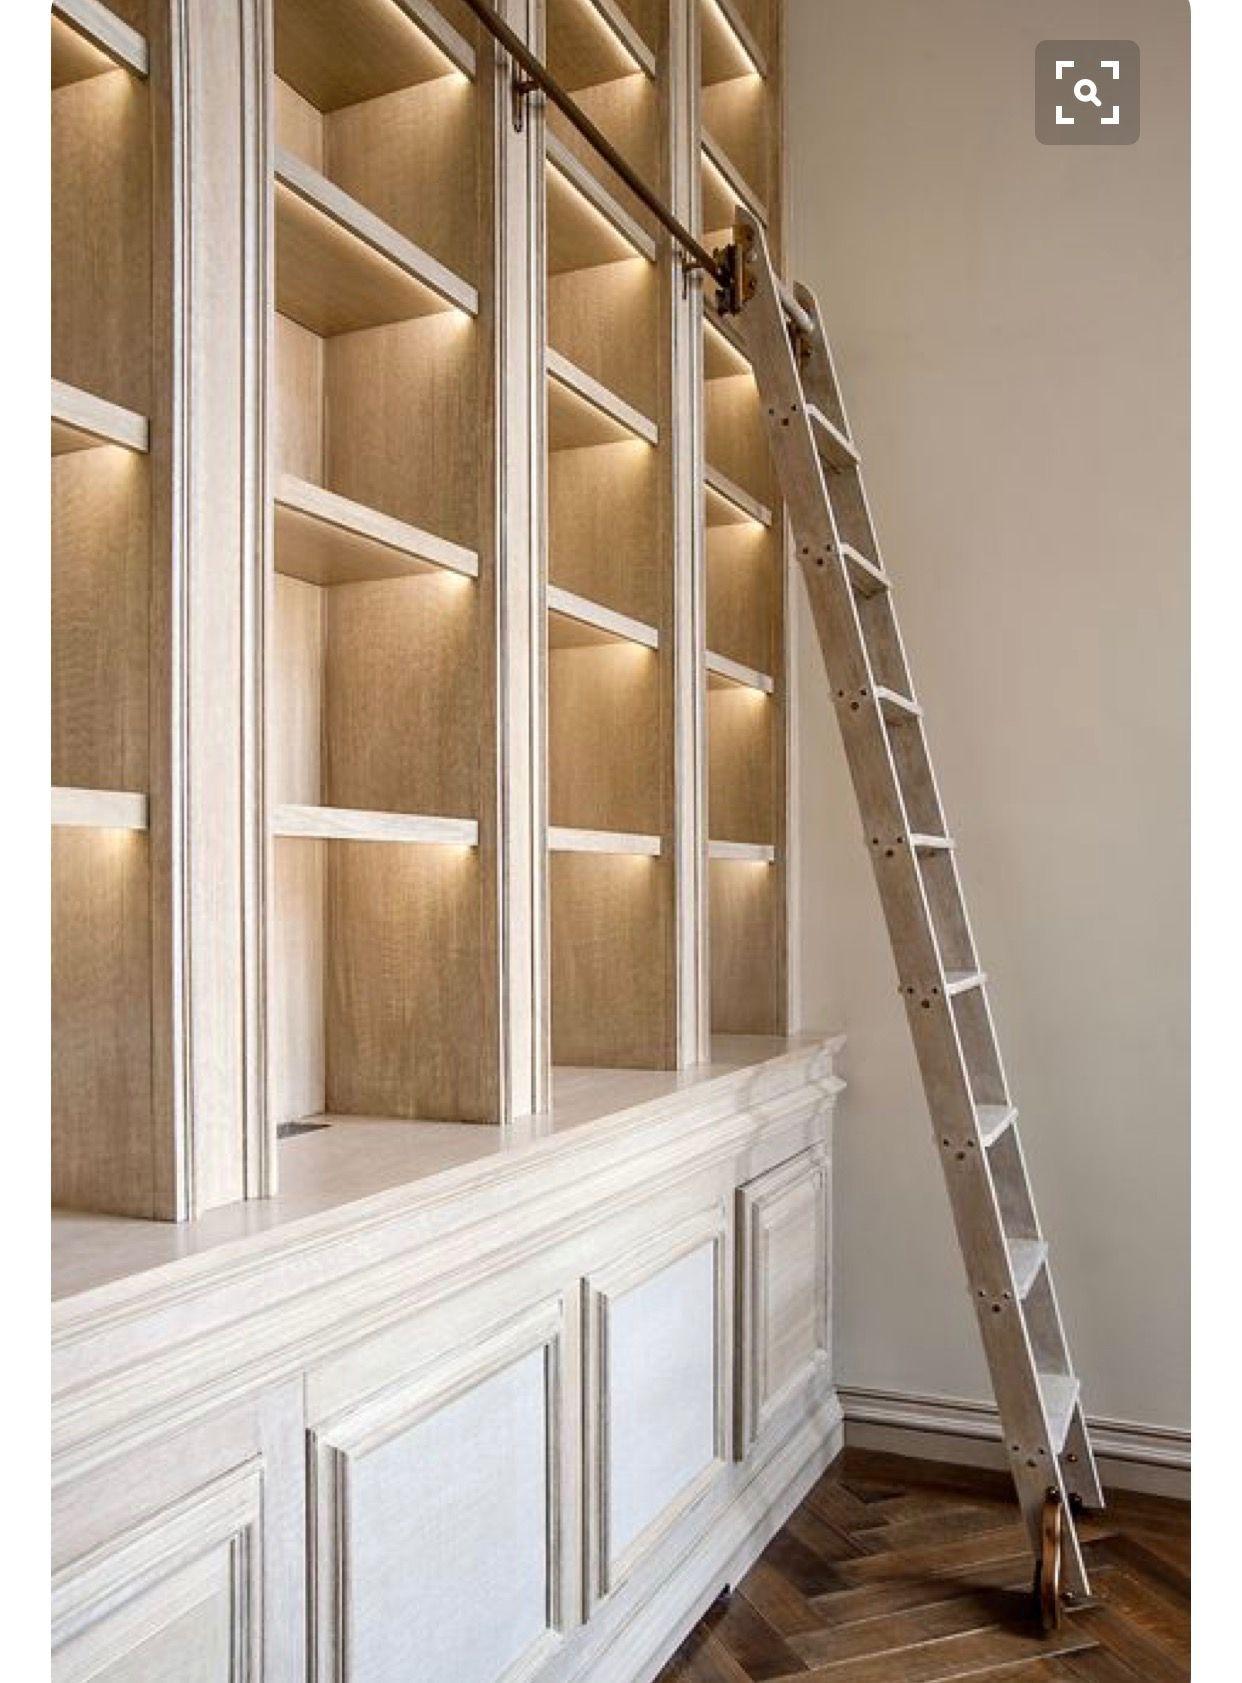 Library Ladder Library Ladder Bookshelf Lighting Home Library